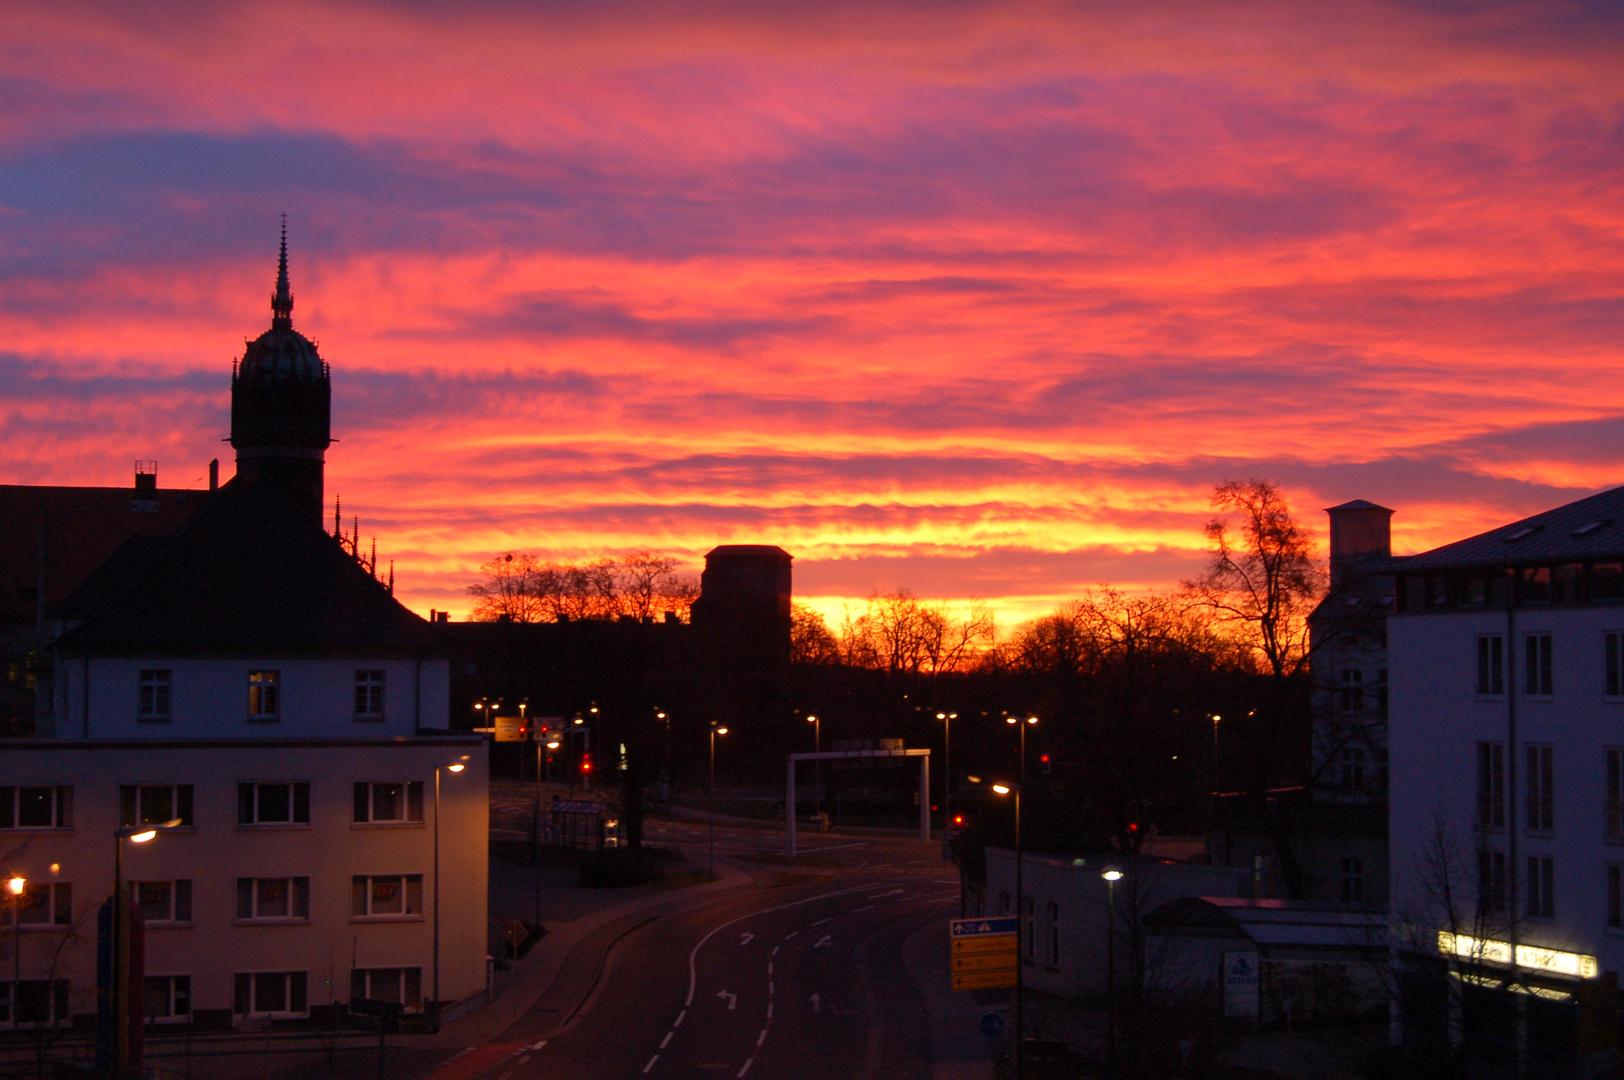 Sonnenaufgang am 1.1.2013 von meinem Balkon...